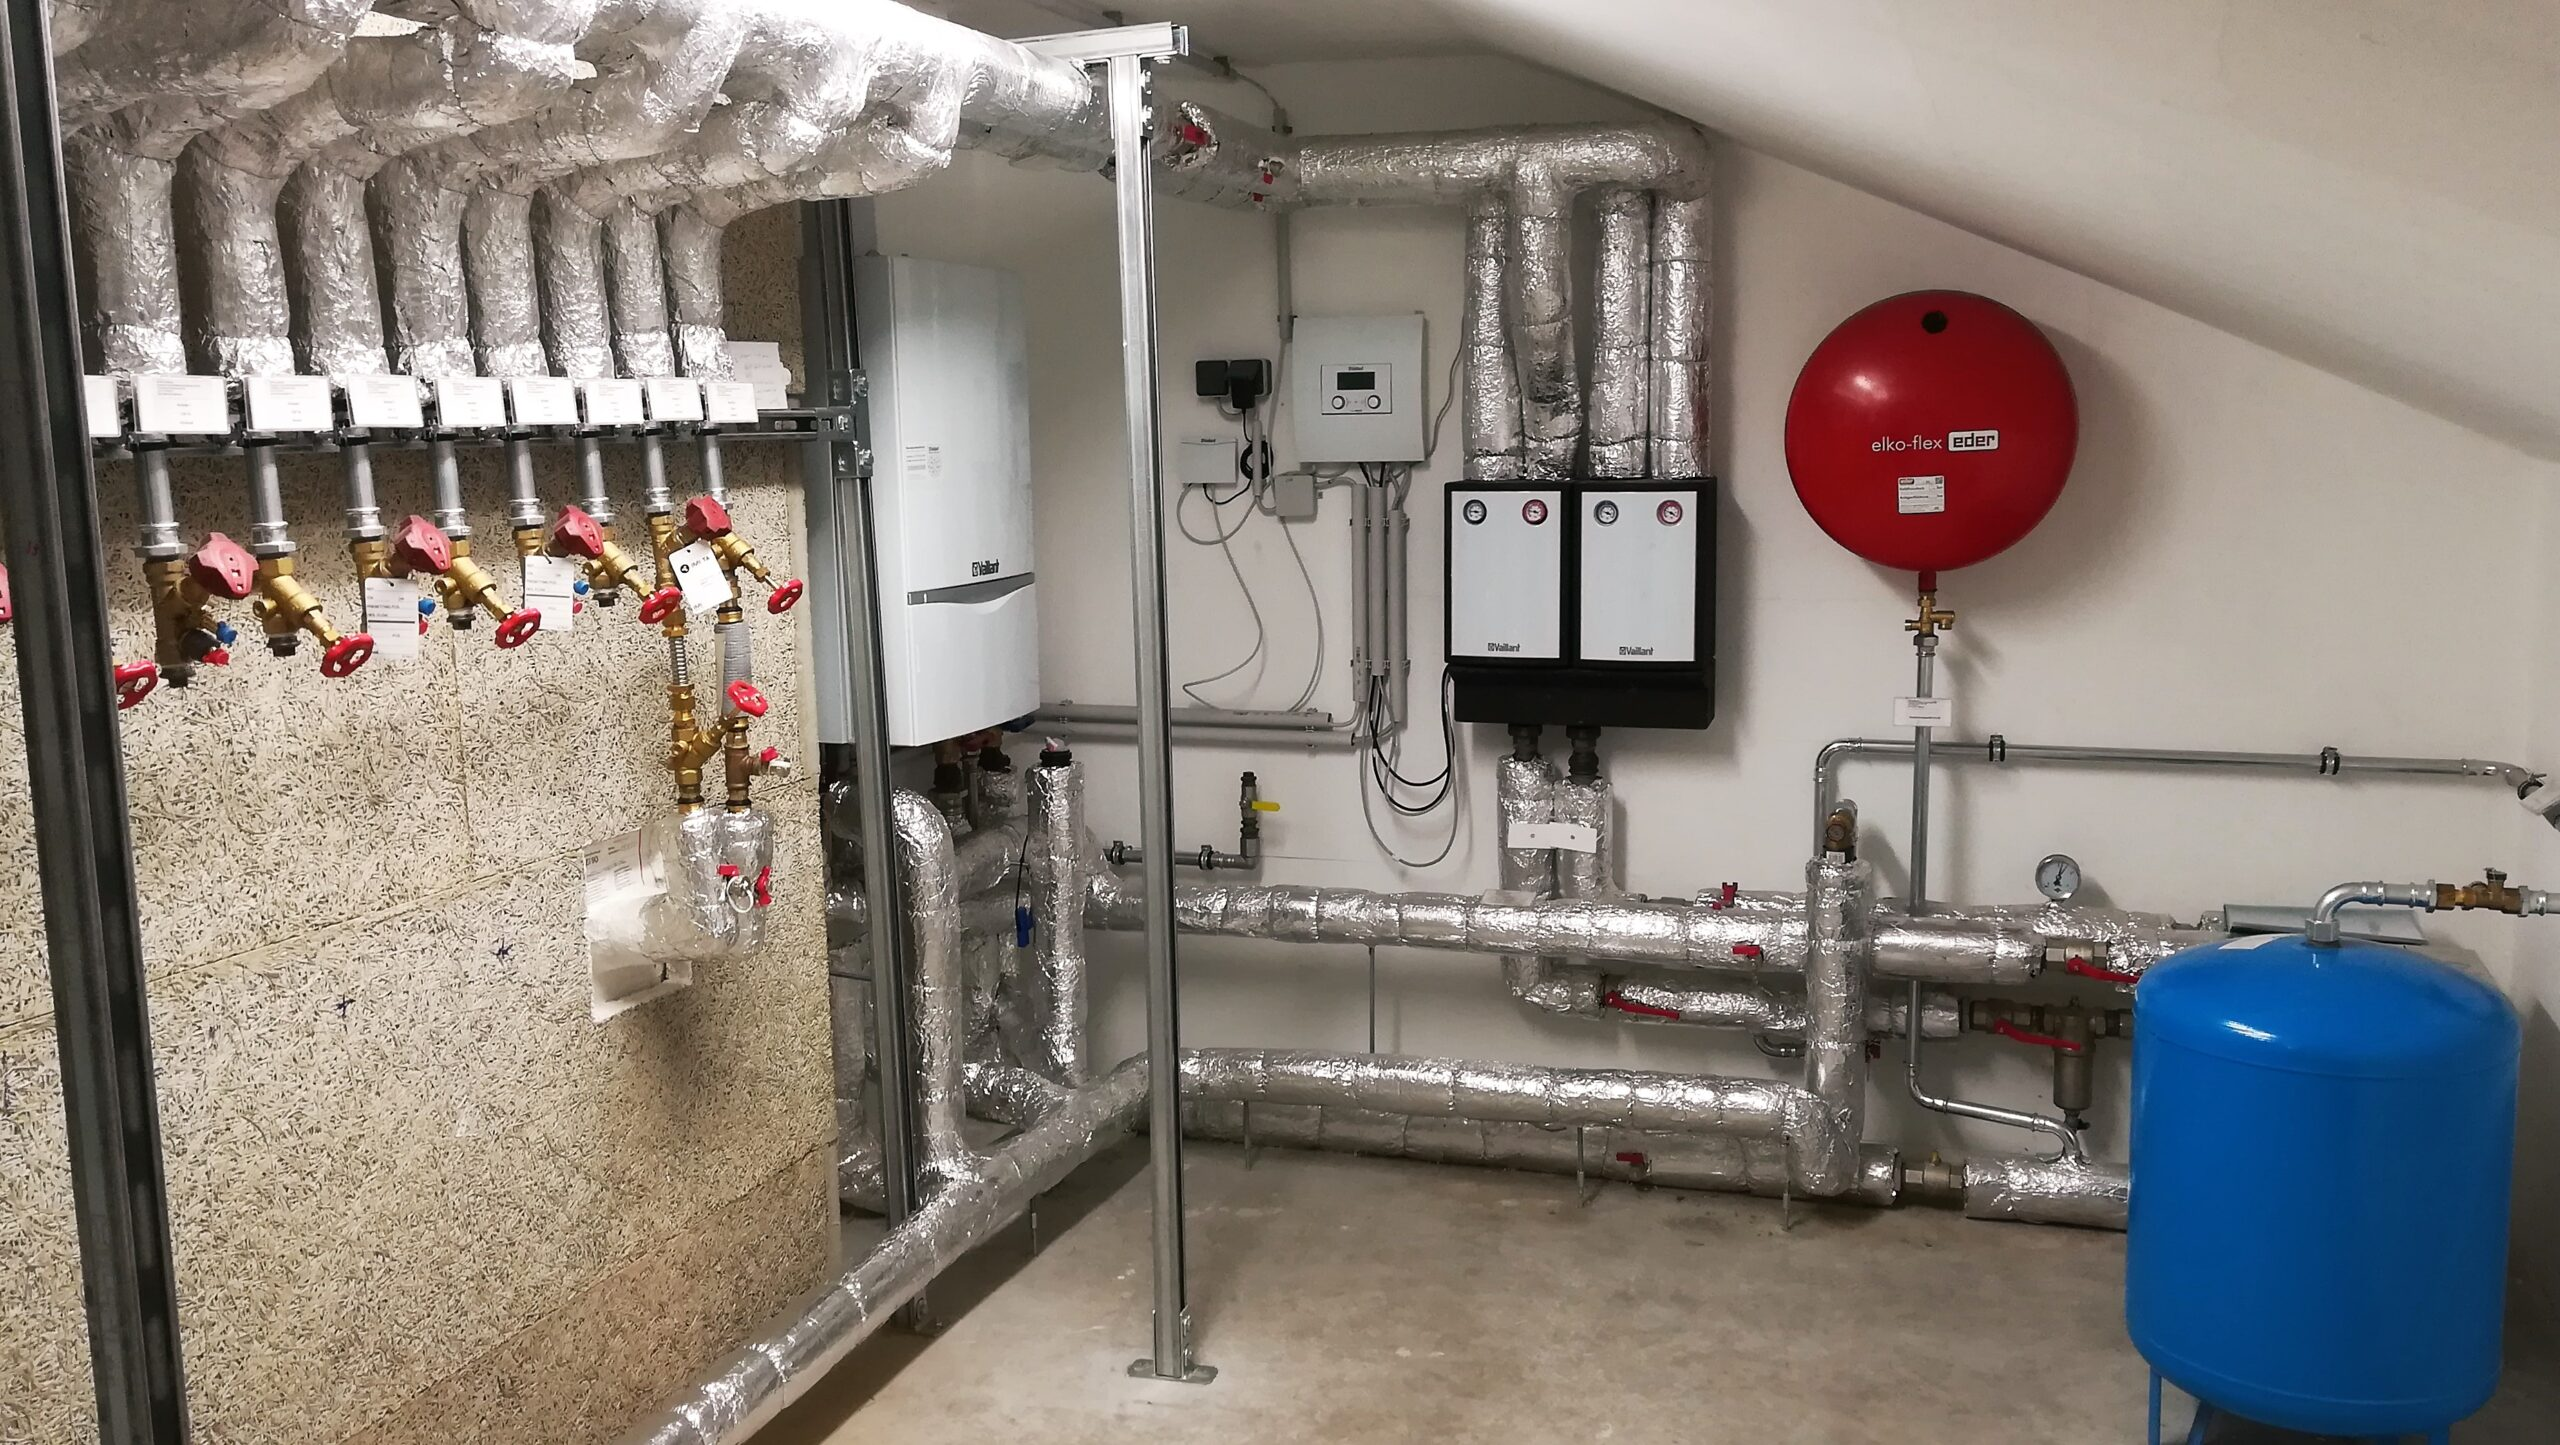 Von Gasetagenheizungen zu zentralen und klimaverträglichen Systemen